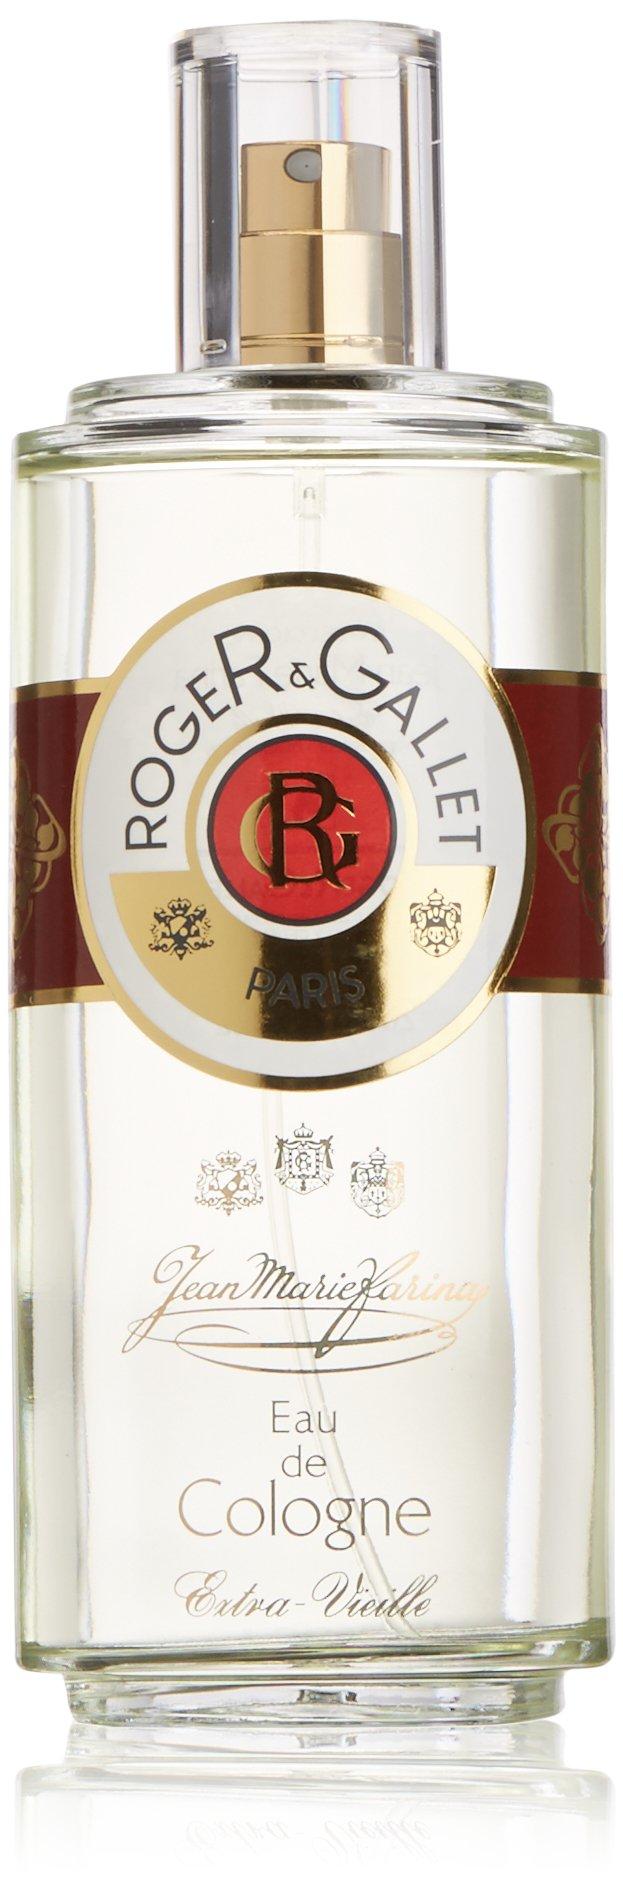 Roger & Gallet Extra Vieille Jean Marie Farina Unisex Eau De Cologne Spray, 6.6 Ounce